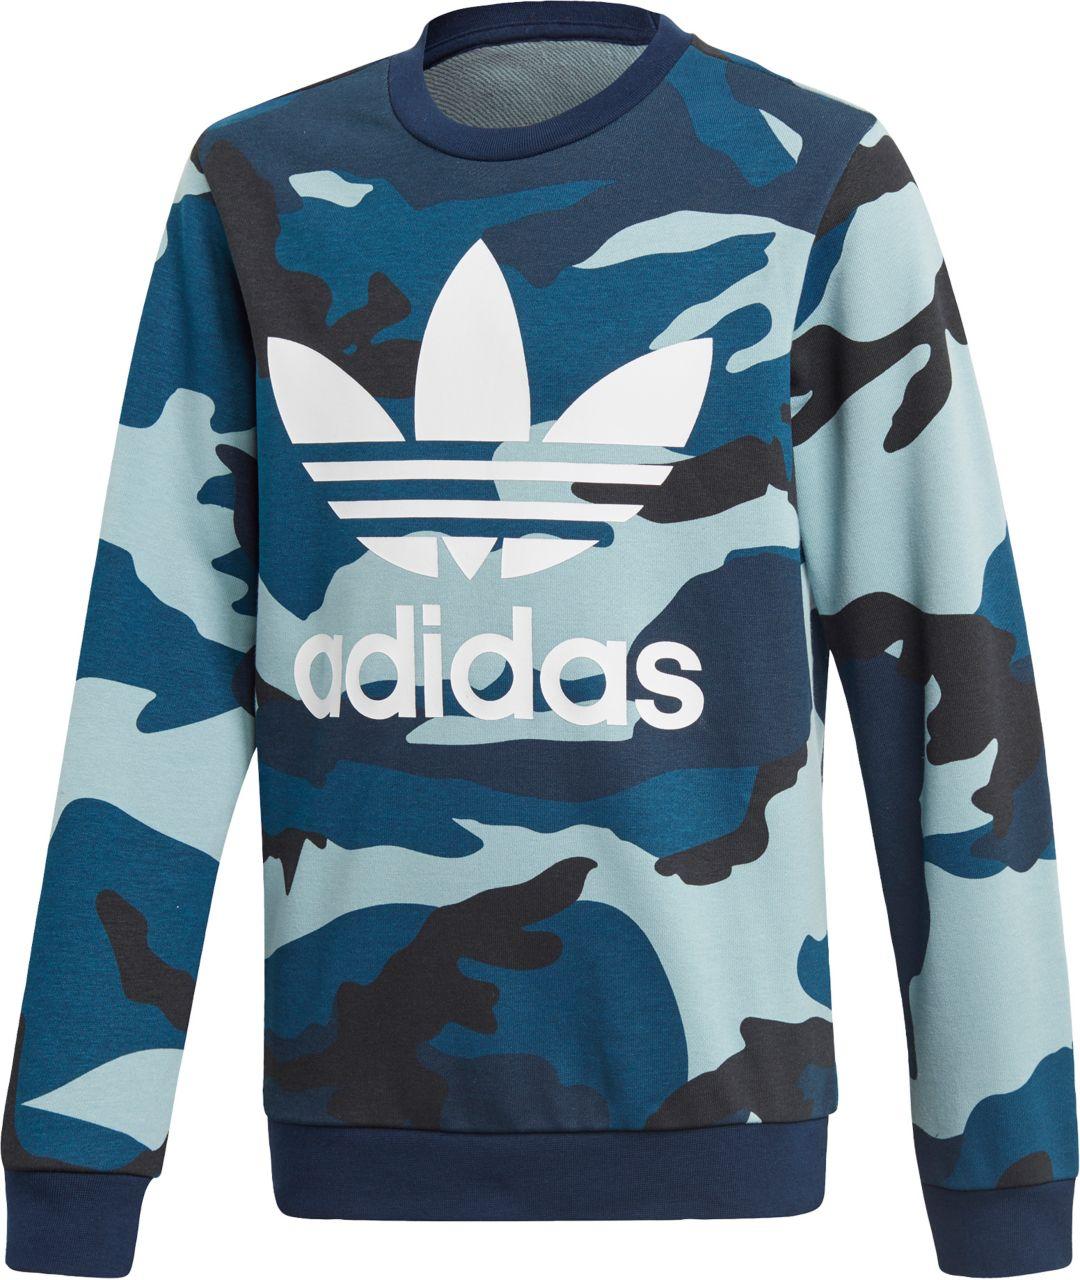 a519fe298 adidas Originals Boys' Camo Crewneck Sweatshirt. noImageFound. Previous